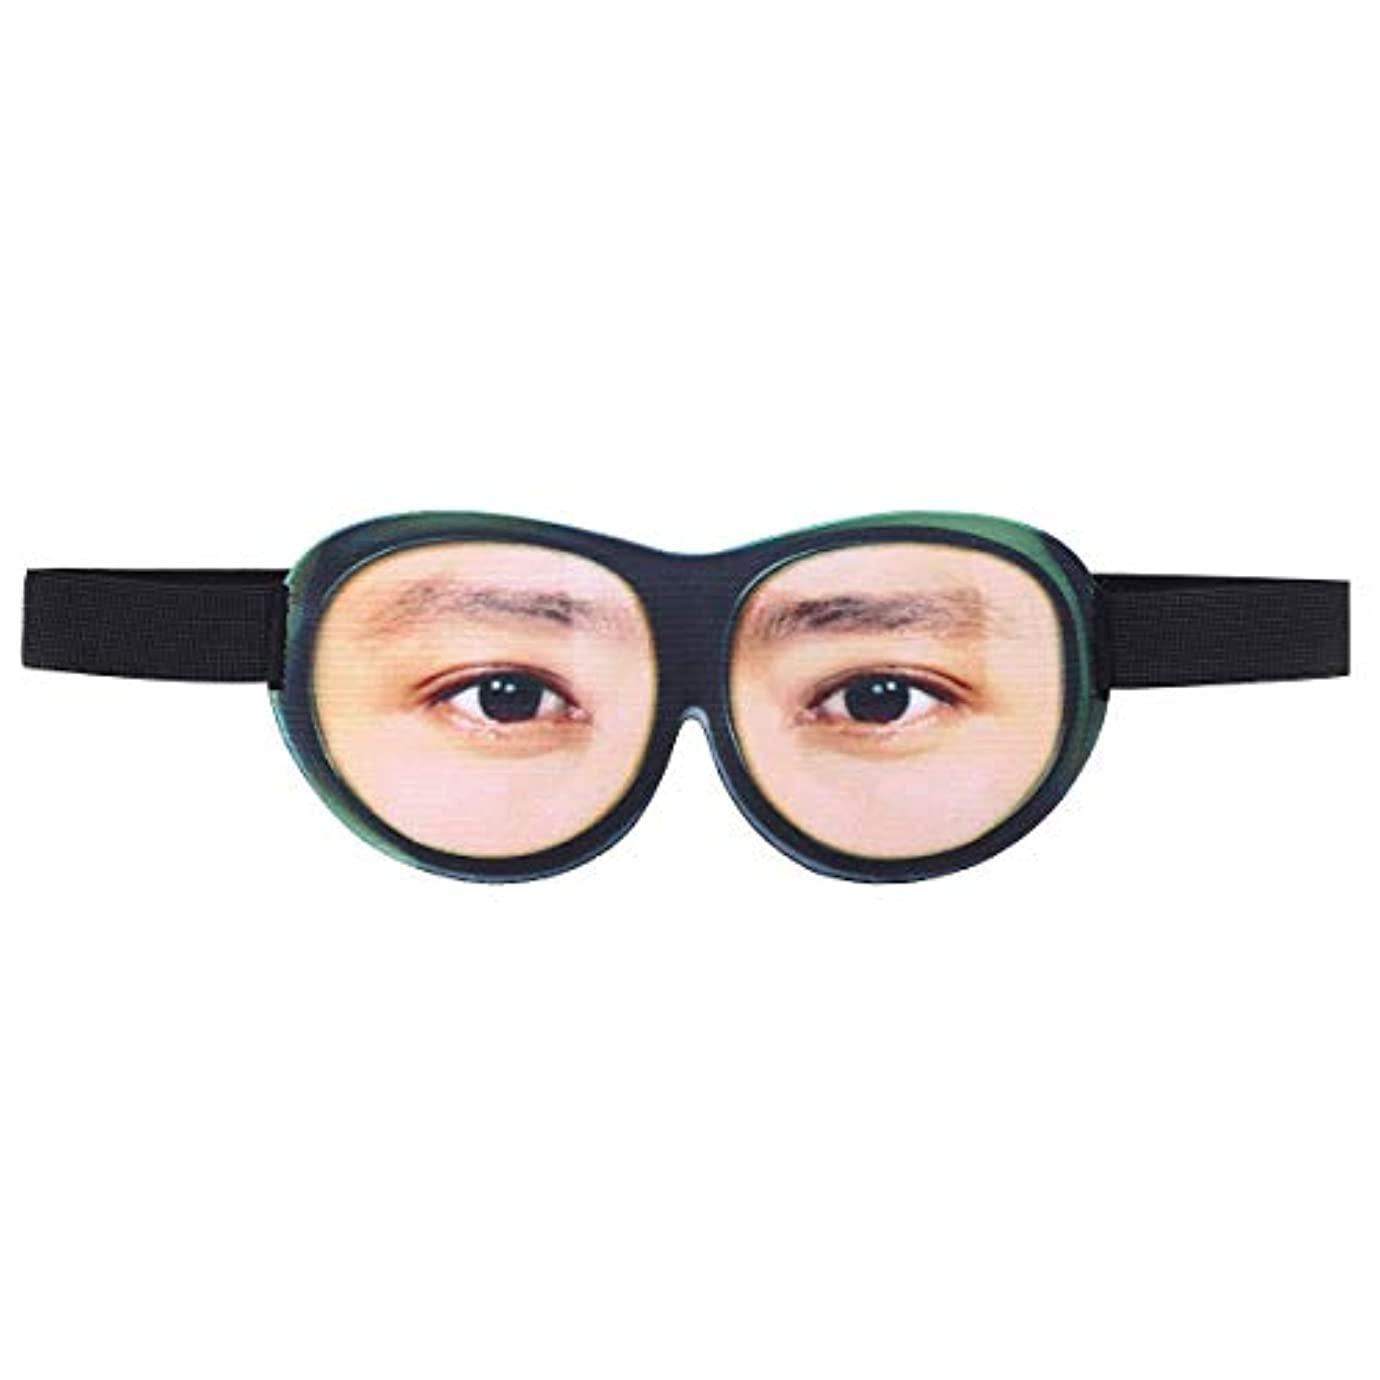 刺激するキャラクター尾SUPVOX 男性と女性のための3D面白い睡眠マスク通気性目隠しアイマスク旅行睡眠マスク